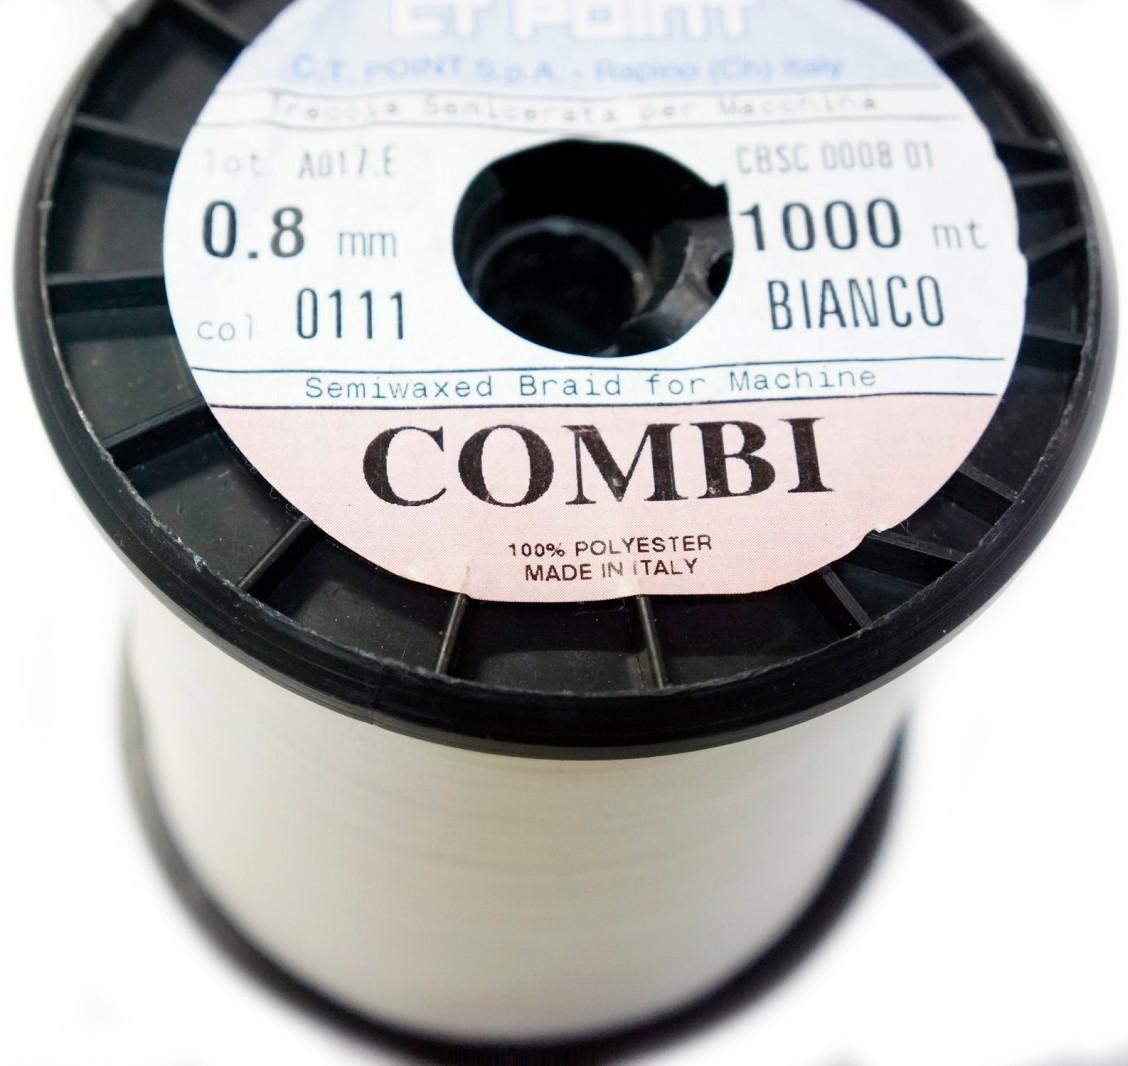 """НИТКА """"COMBI""""0,8мм воскована (1000 м.) біла BIANCO(0111)"""